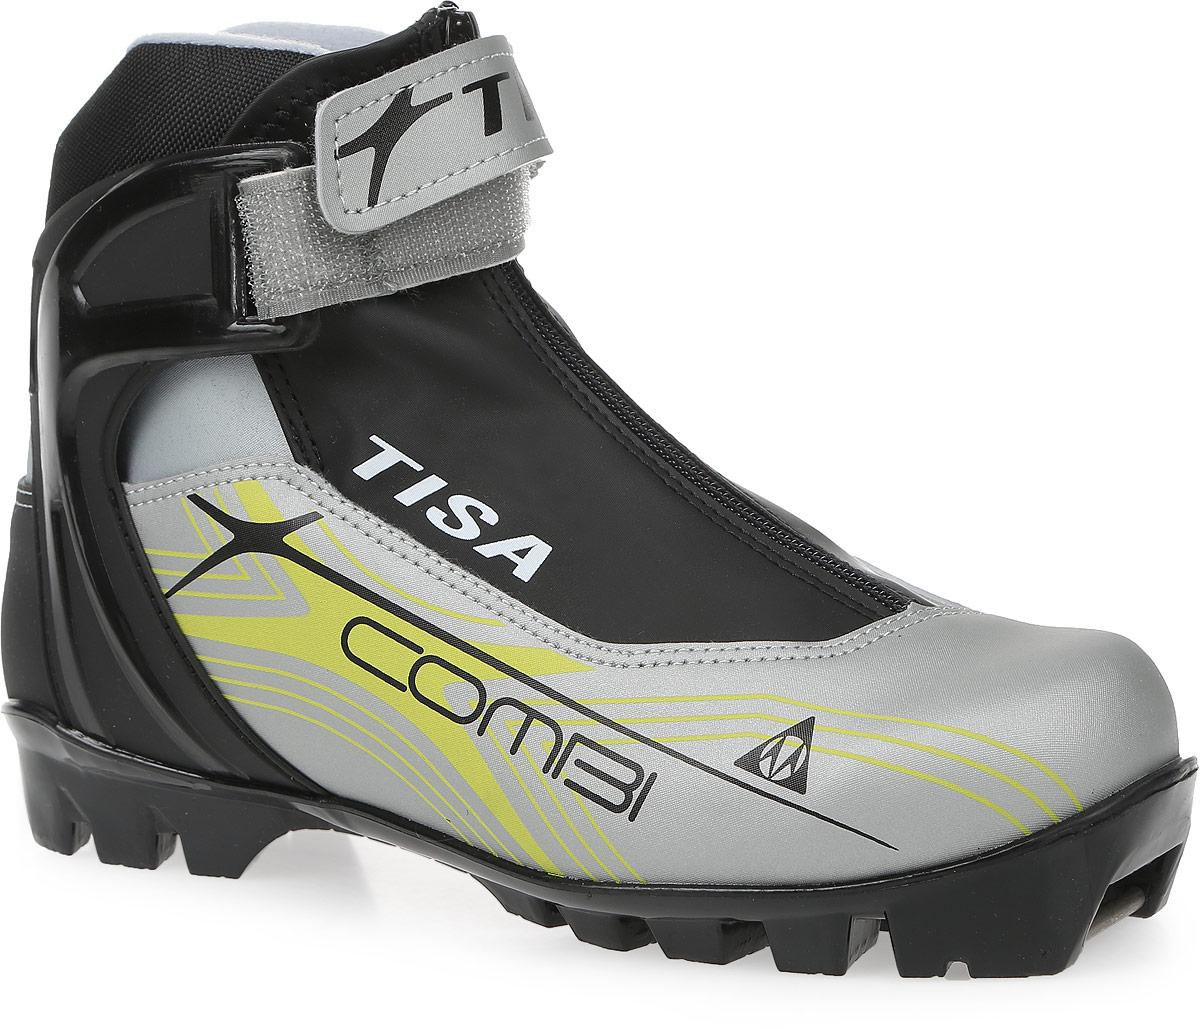 Ботинки лыжные беговые Tisa Combi NNN, цвет: черный, серый, салатовый. Размер 44S75715Лыжные ботинки Tisa Combi NNN выполнены из искусственных материалов в классическом стиле и предназначены для лыжных прогулок и туризма. Язык защищен текстильной вставкой на застежке-молнии. Подкладка, исполненная из мягкого флиса и искусственного меха, защитит ноги от холода и обеспечит уют. Верх изделия оформлен удобной шнуровкой с петлями из текстиля. Вставки в мысовой и пяточной частях предназначены для дополнительной жесткости. Манжета Control Cuff поддерживает голеностоп. Подошва системы NNN выполнена из полимерного термопластичного материала. С одной из боковых сторон лыжные ботинки дополнены принтом в виде логотипа бренда.